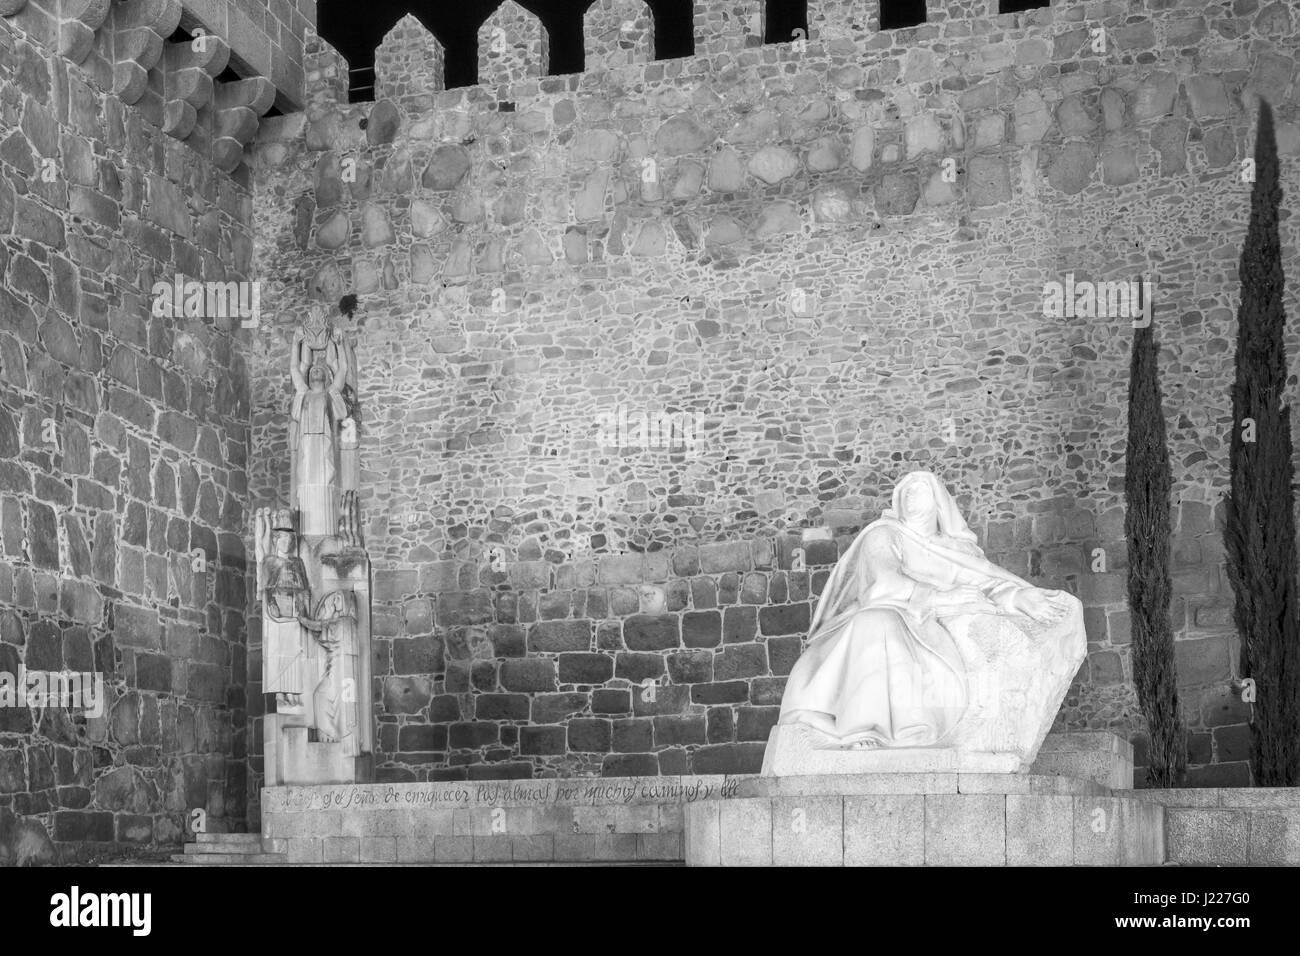 Sculpture of St. Teresa of Jesus in the main square of Avila, Castilla y Leon, Spain - Stock Image